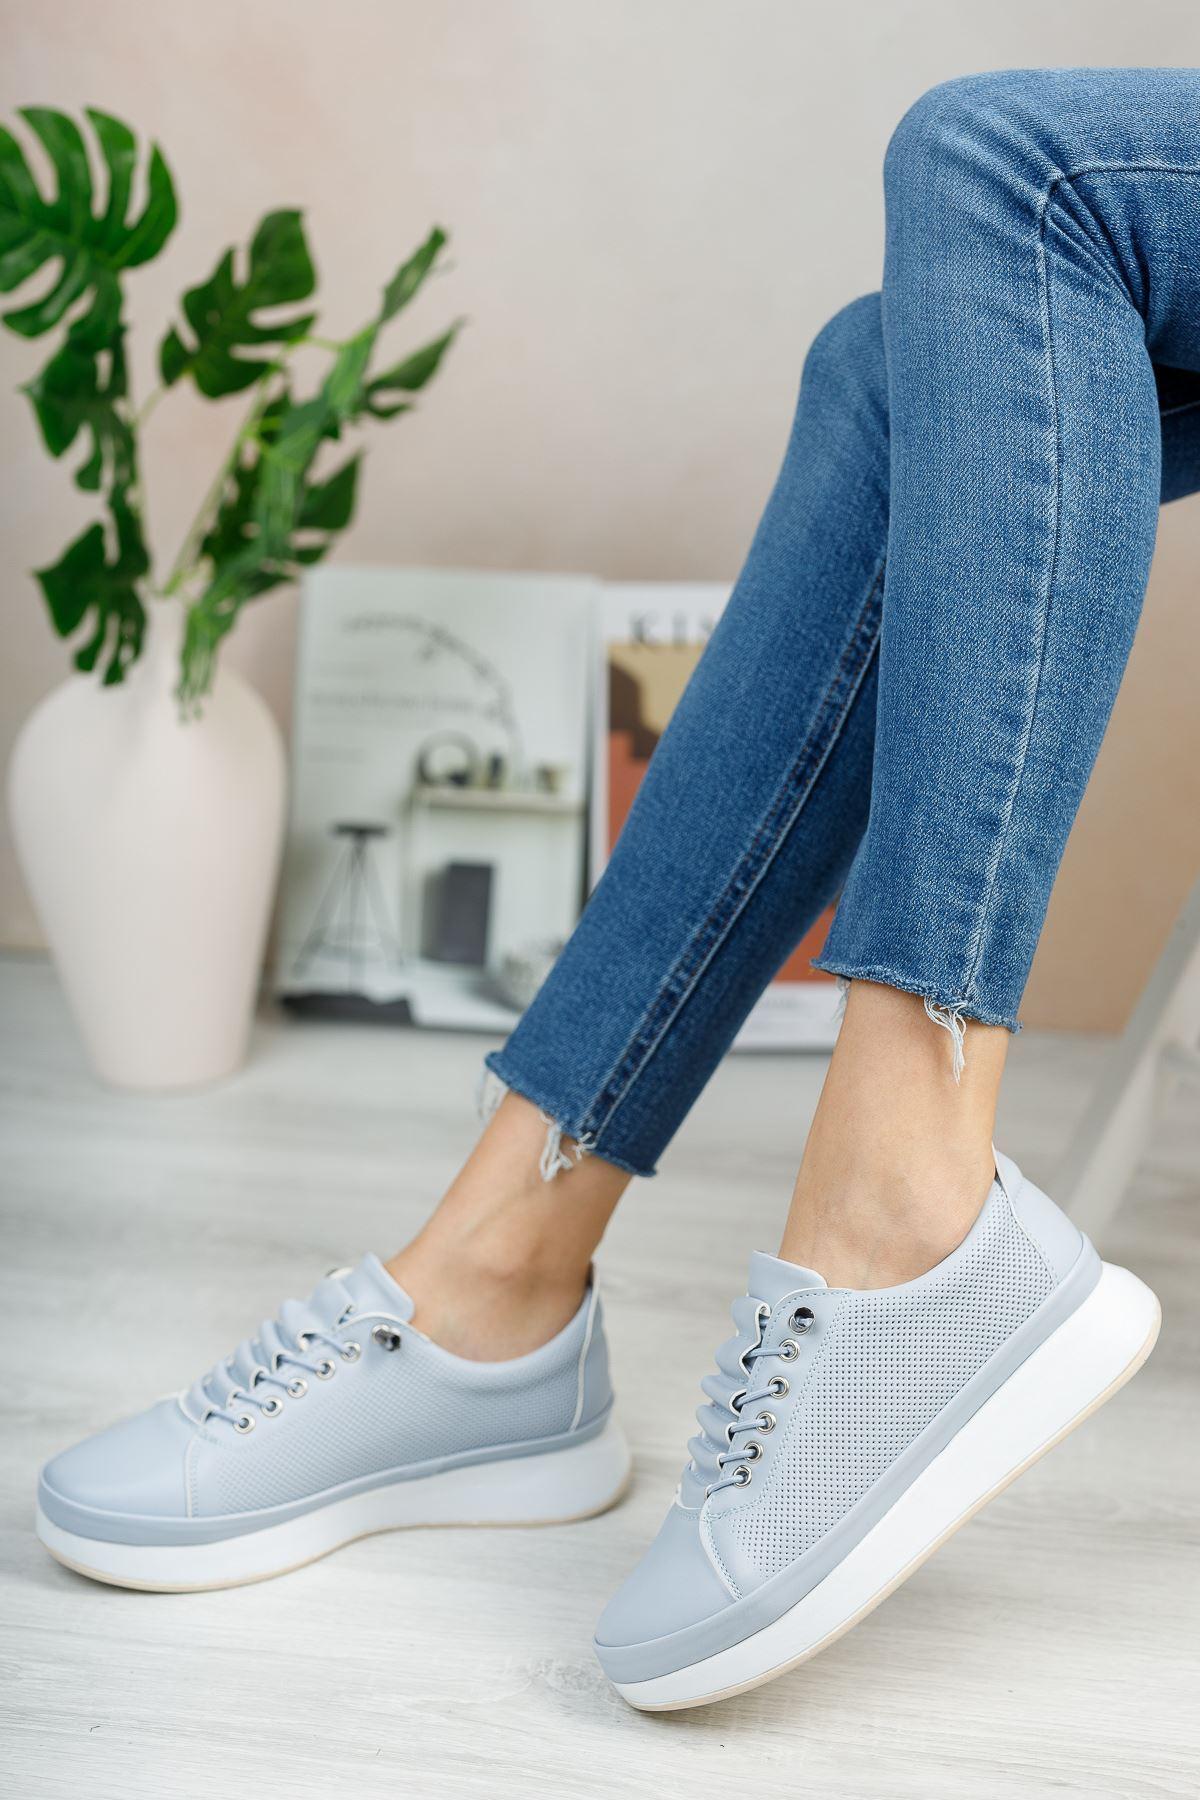 Karenna Bebek Mavi Mat Deri Bağcıklı Kadın Günlük Ayakkabı